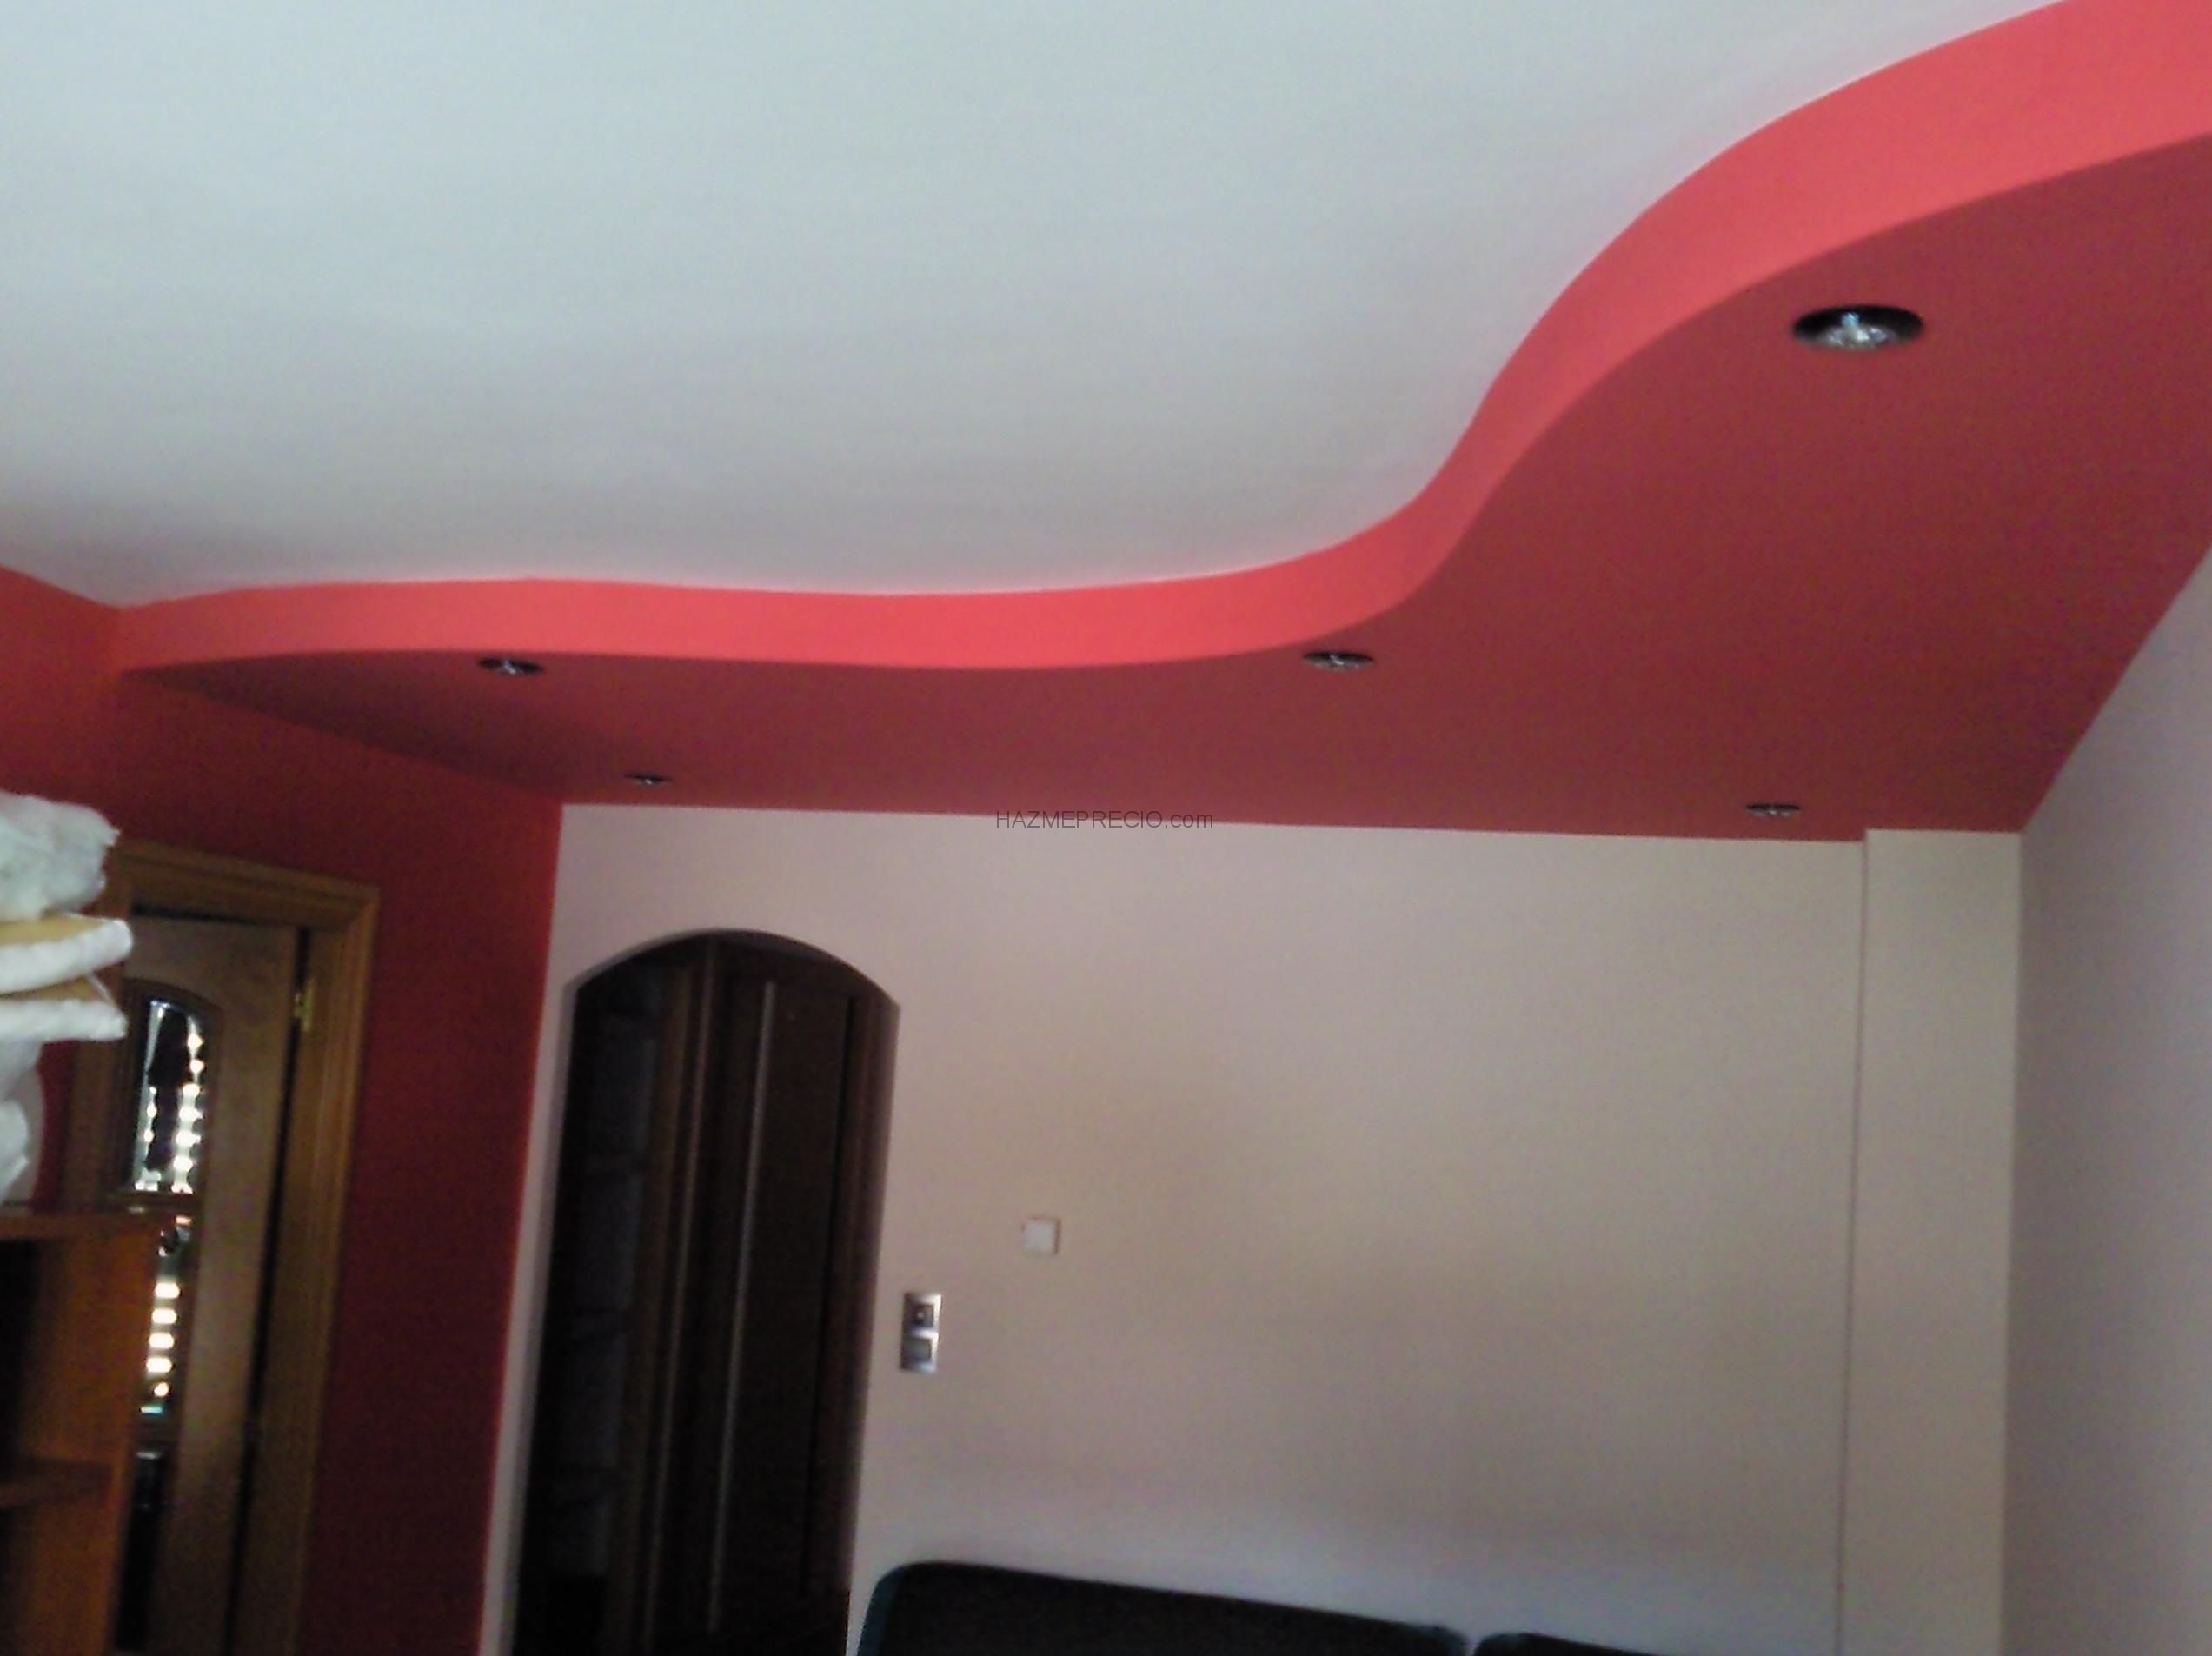 Retroreforma 50298 pinseque zaragoza - Techos de pladur decorativos ...